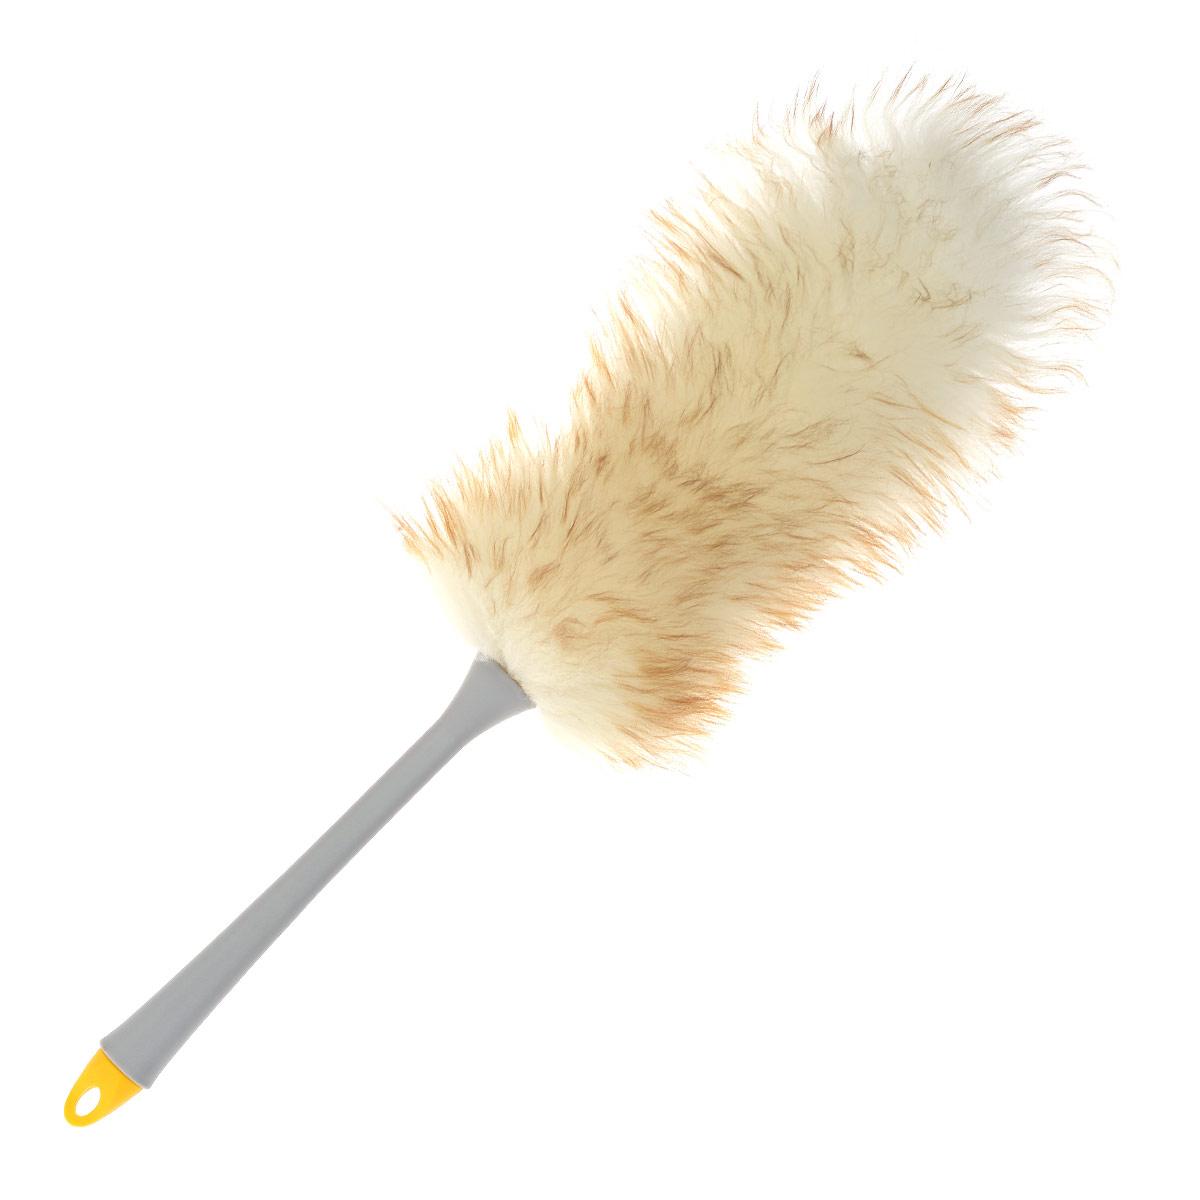 Сметка для пыли Fratelli Re, цвет: серый, бежевый30024-A серыйСметка для пыли Fratelli Re, изготовленная из шерсти мериноса, притягивает пыль и грязь. Она поможет вам убраться в труднодоступных местах. Материал: 100% шерсть мериноса, пластик. Длина: 59 см.